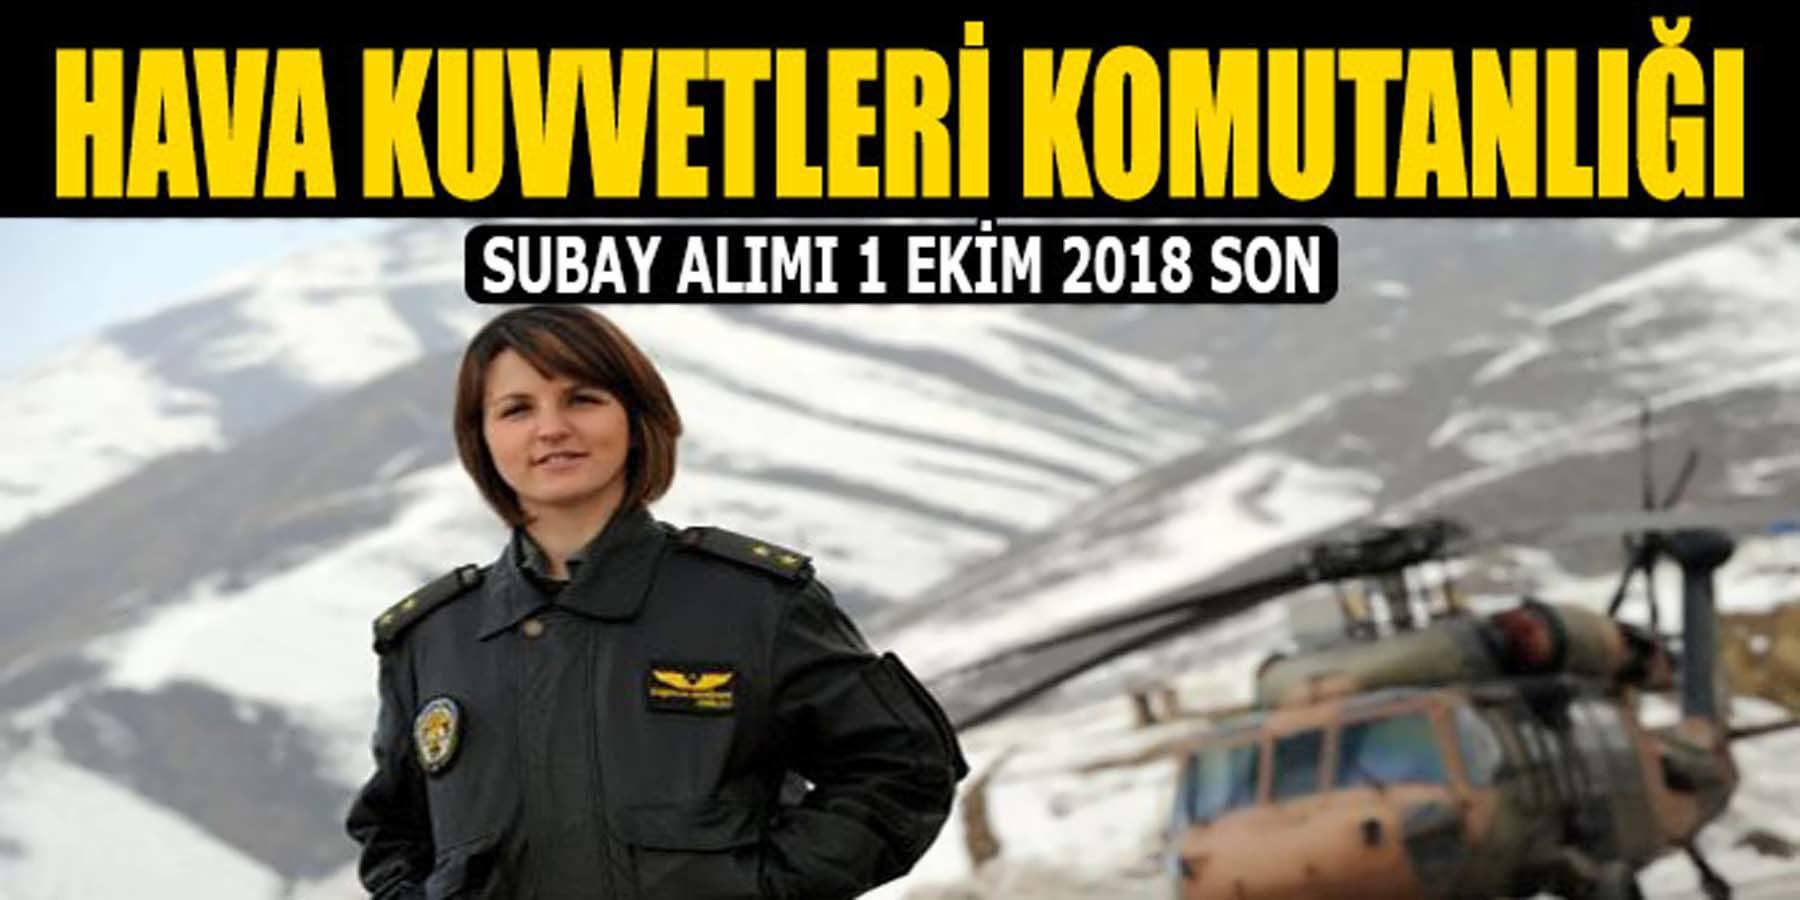 Hava Kuvvetleri Komutanlığı Pilot Adayı Subay Alımı